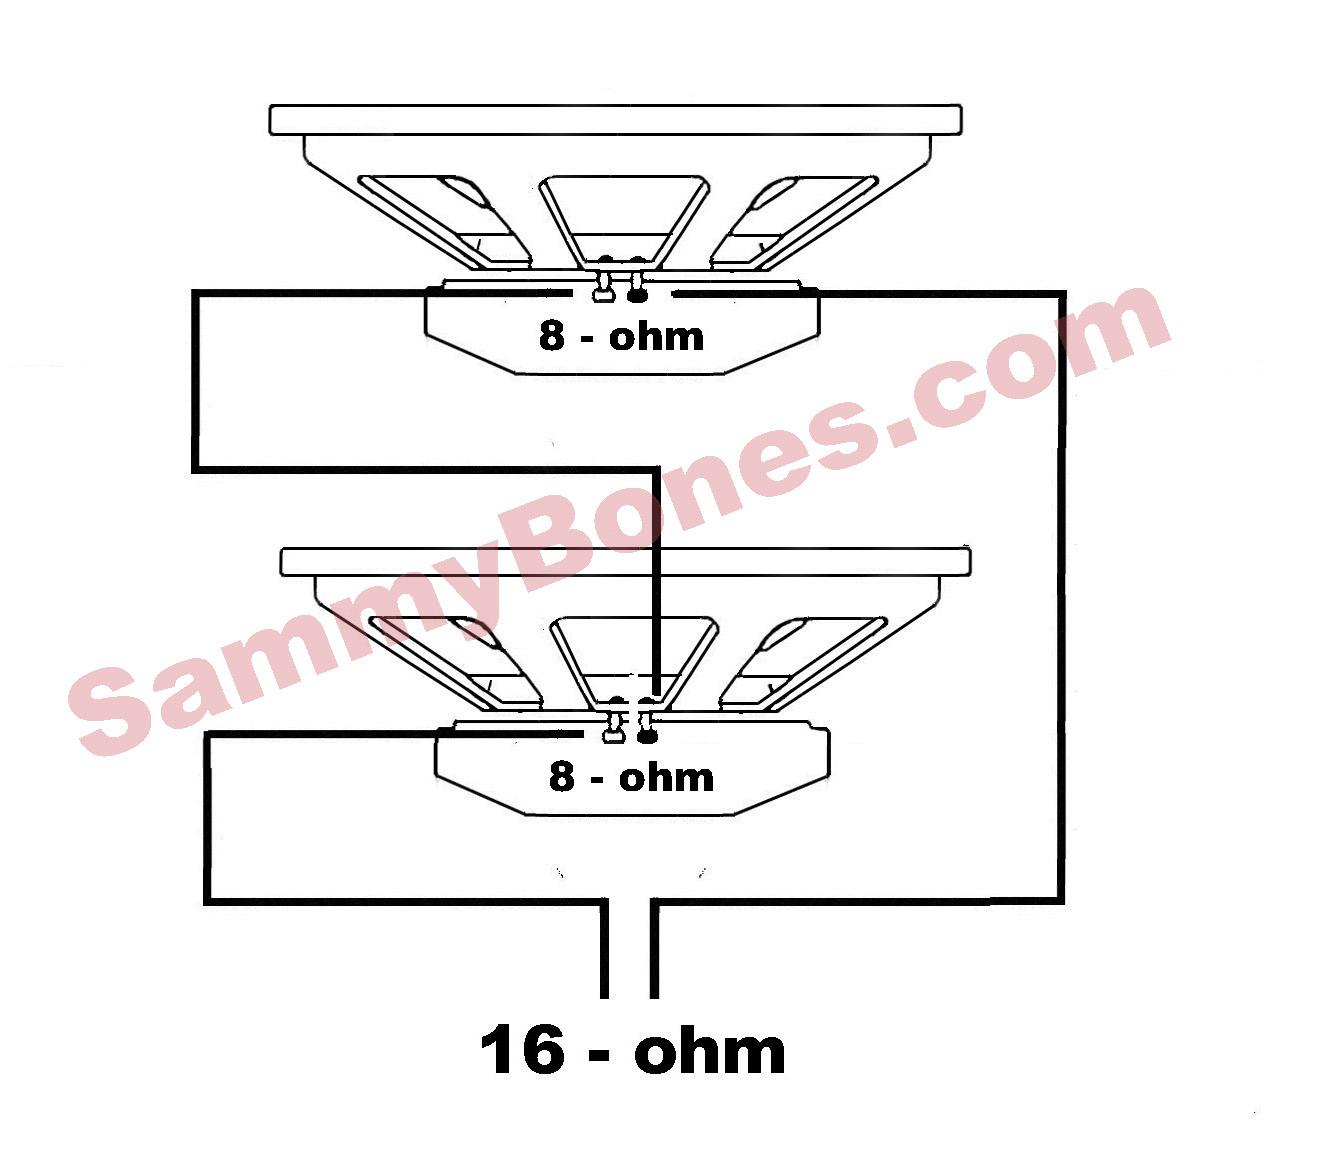 Speaker Wiring Diagrams - Wiring Diagram – Lambdarepos - Speaker Wiring Diagram